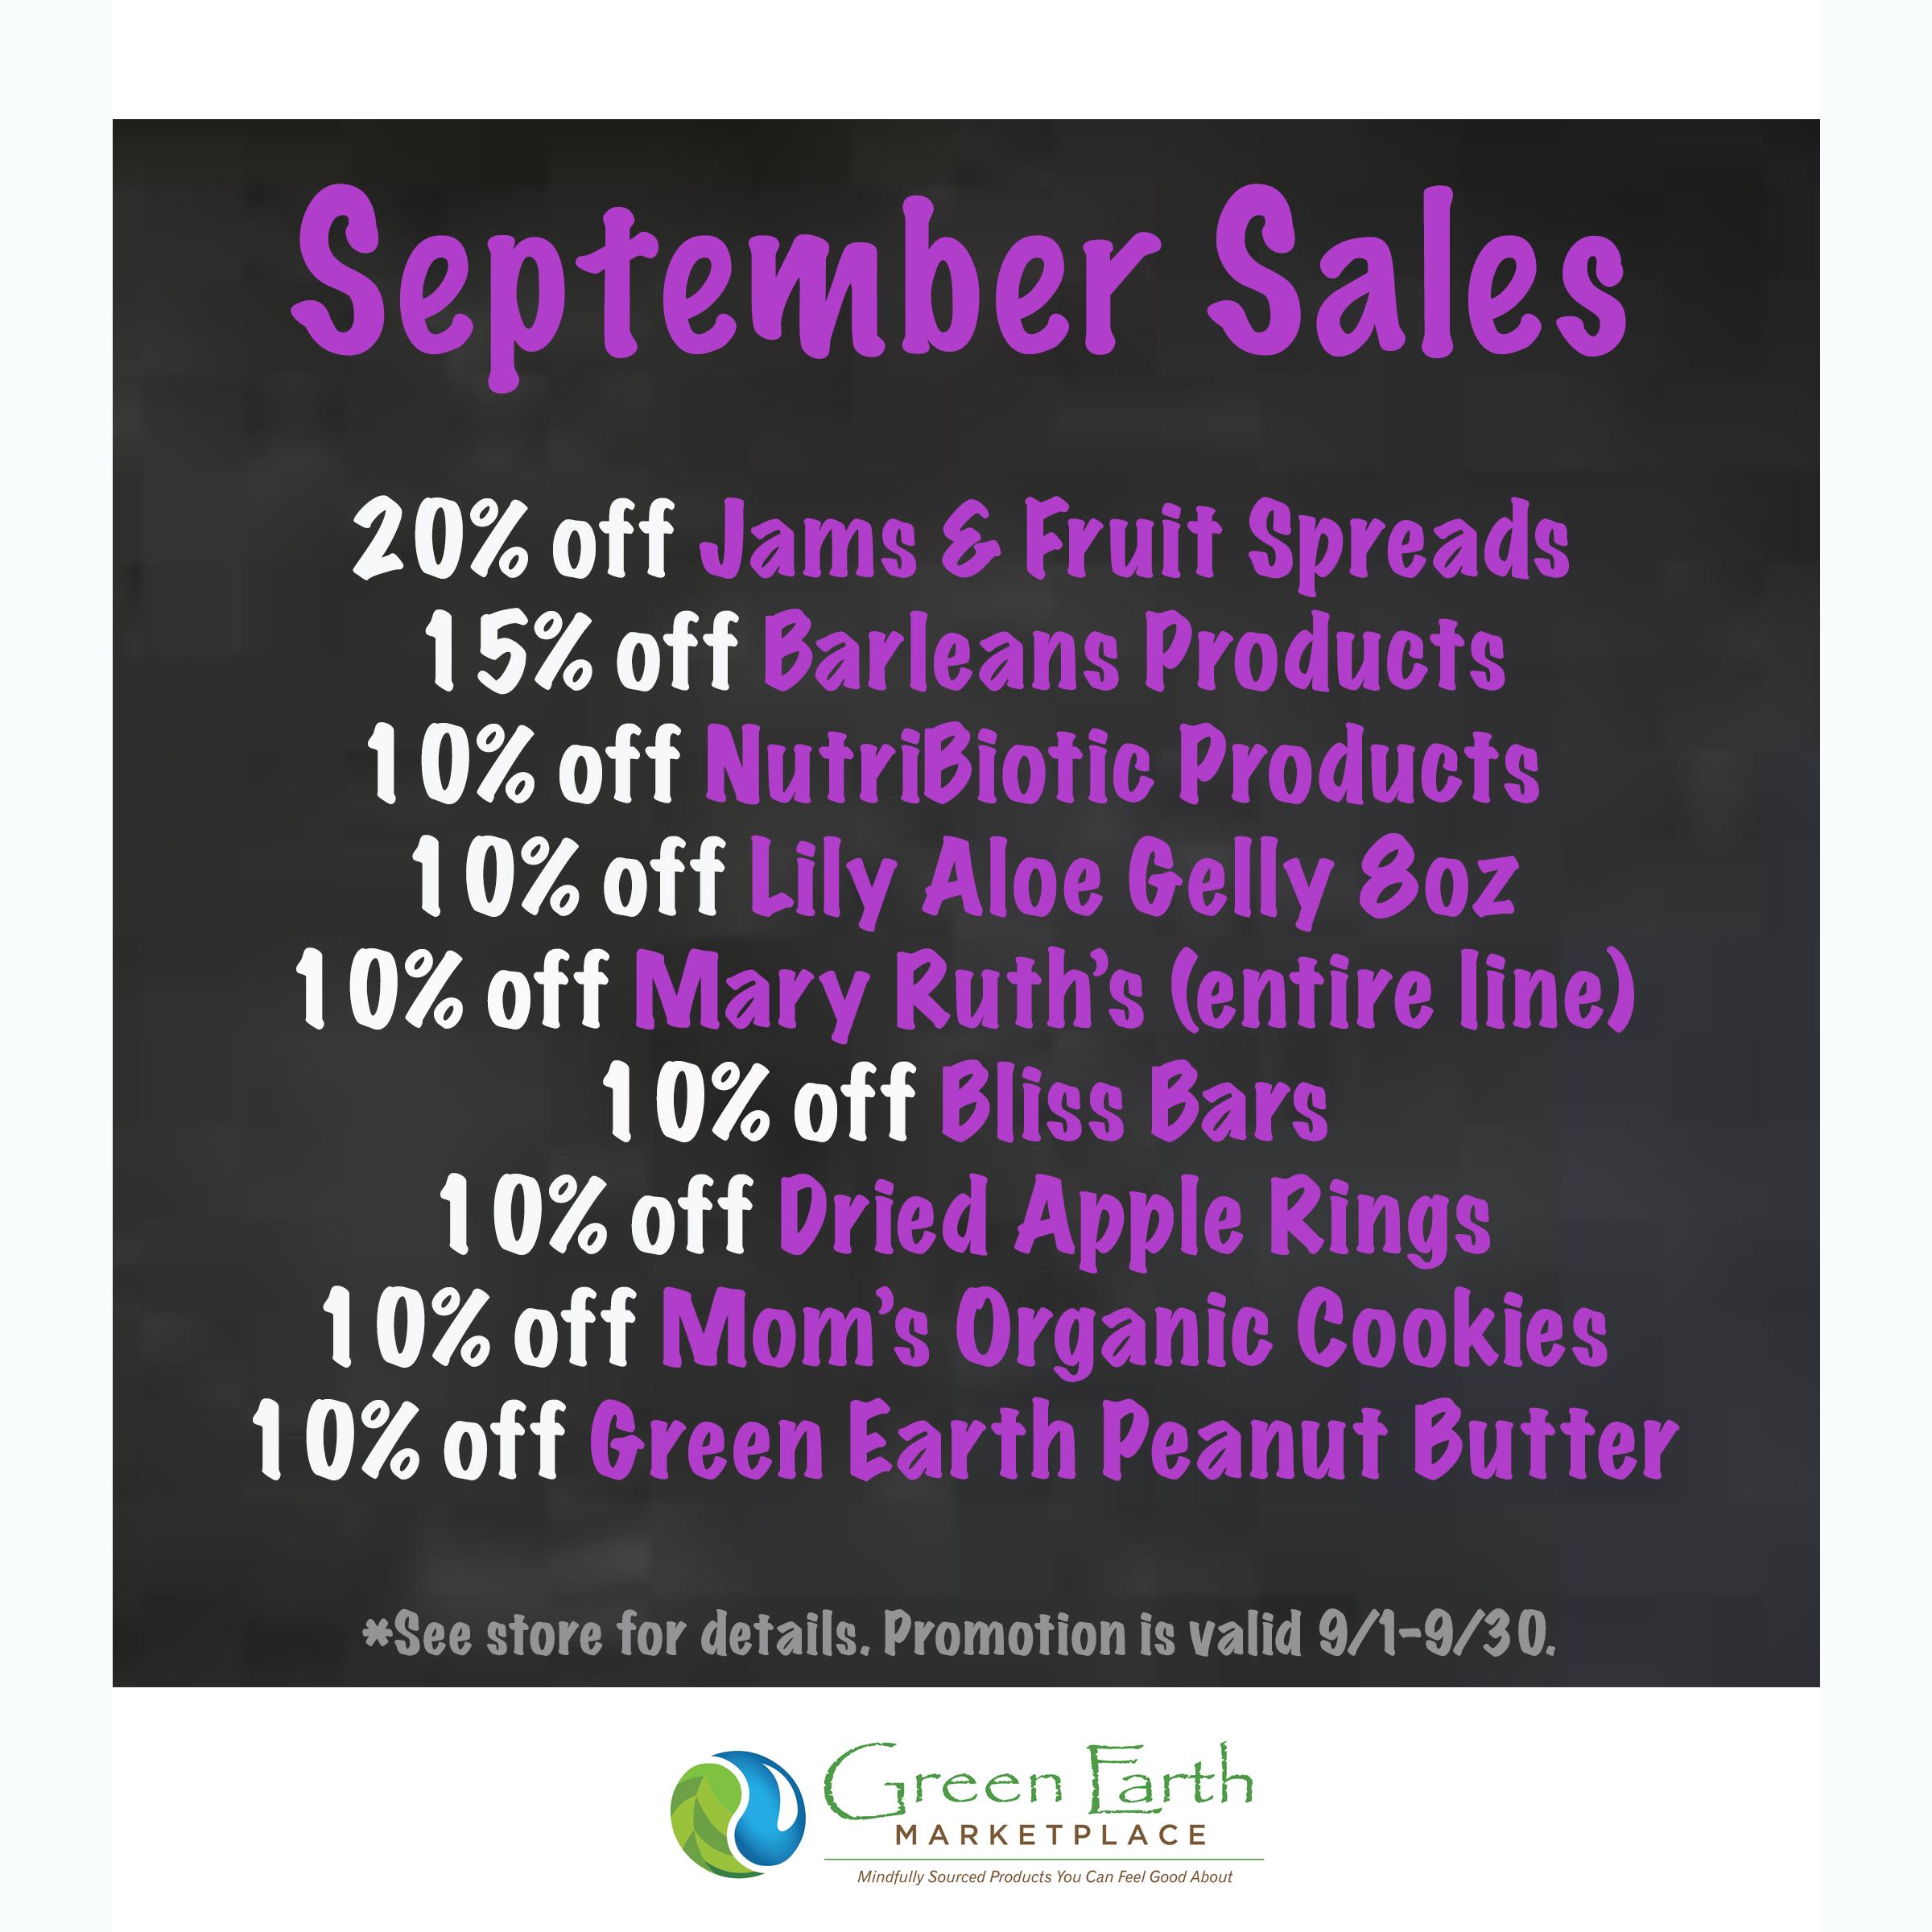 2020 September Sales